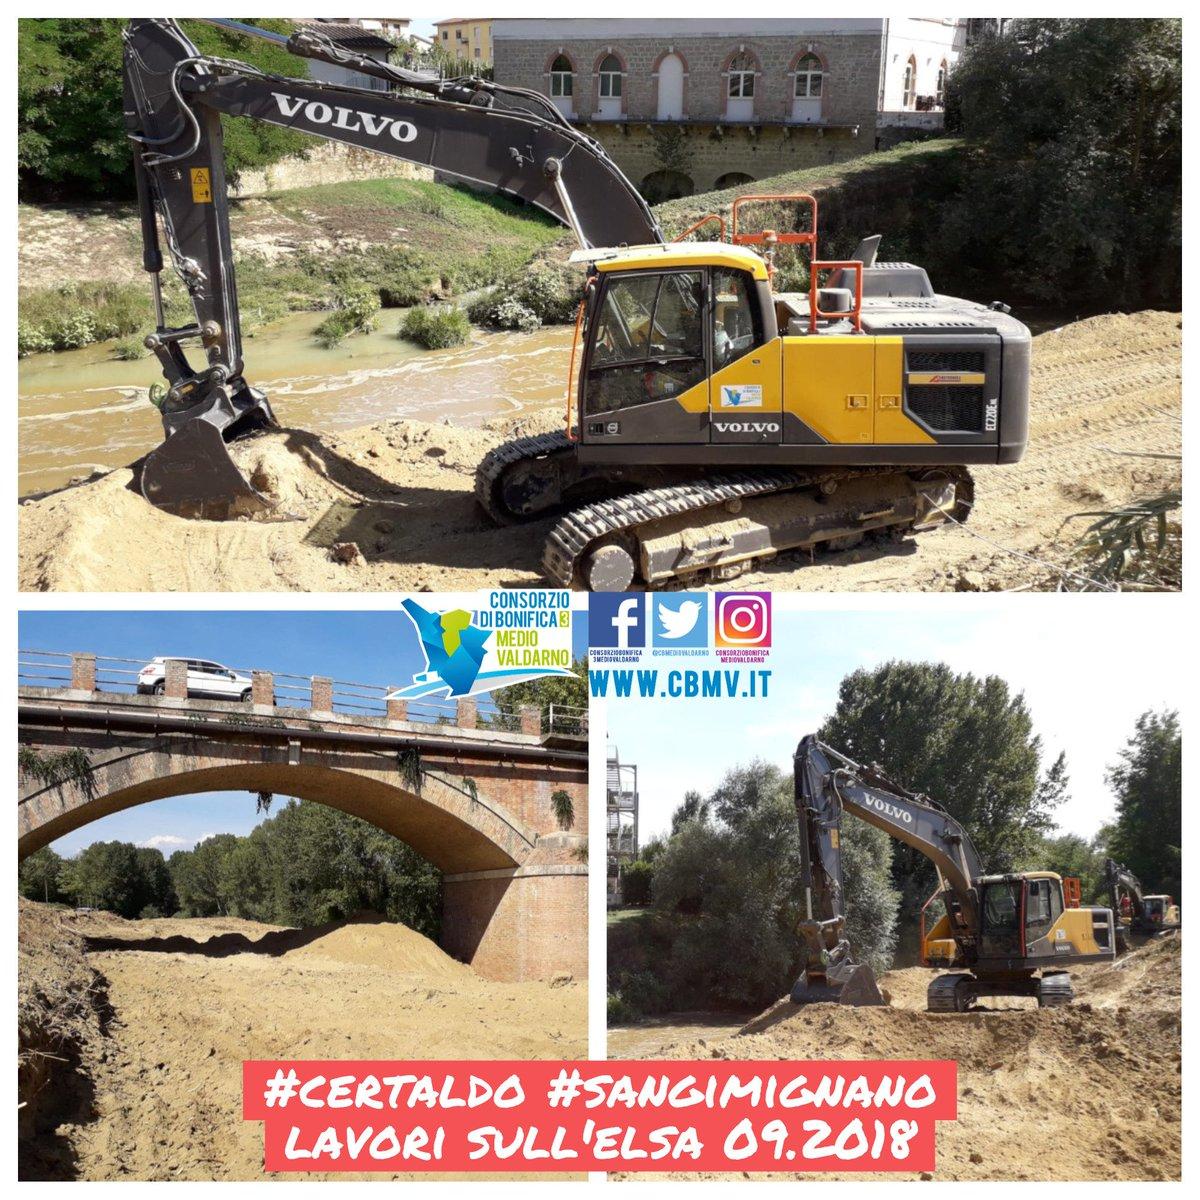 #Certaldo #SanGimignano, zona Steccaia si lavora in amministrazione diretta per la movimentazione del materiale sedimentato in alveo del Fiume #Elsa per ritrovare il massimo della luce sotto il ponte prima dell\